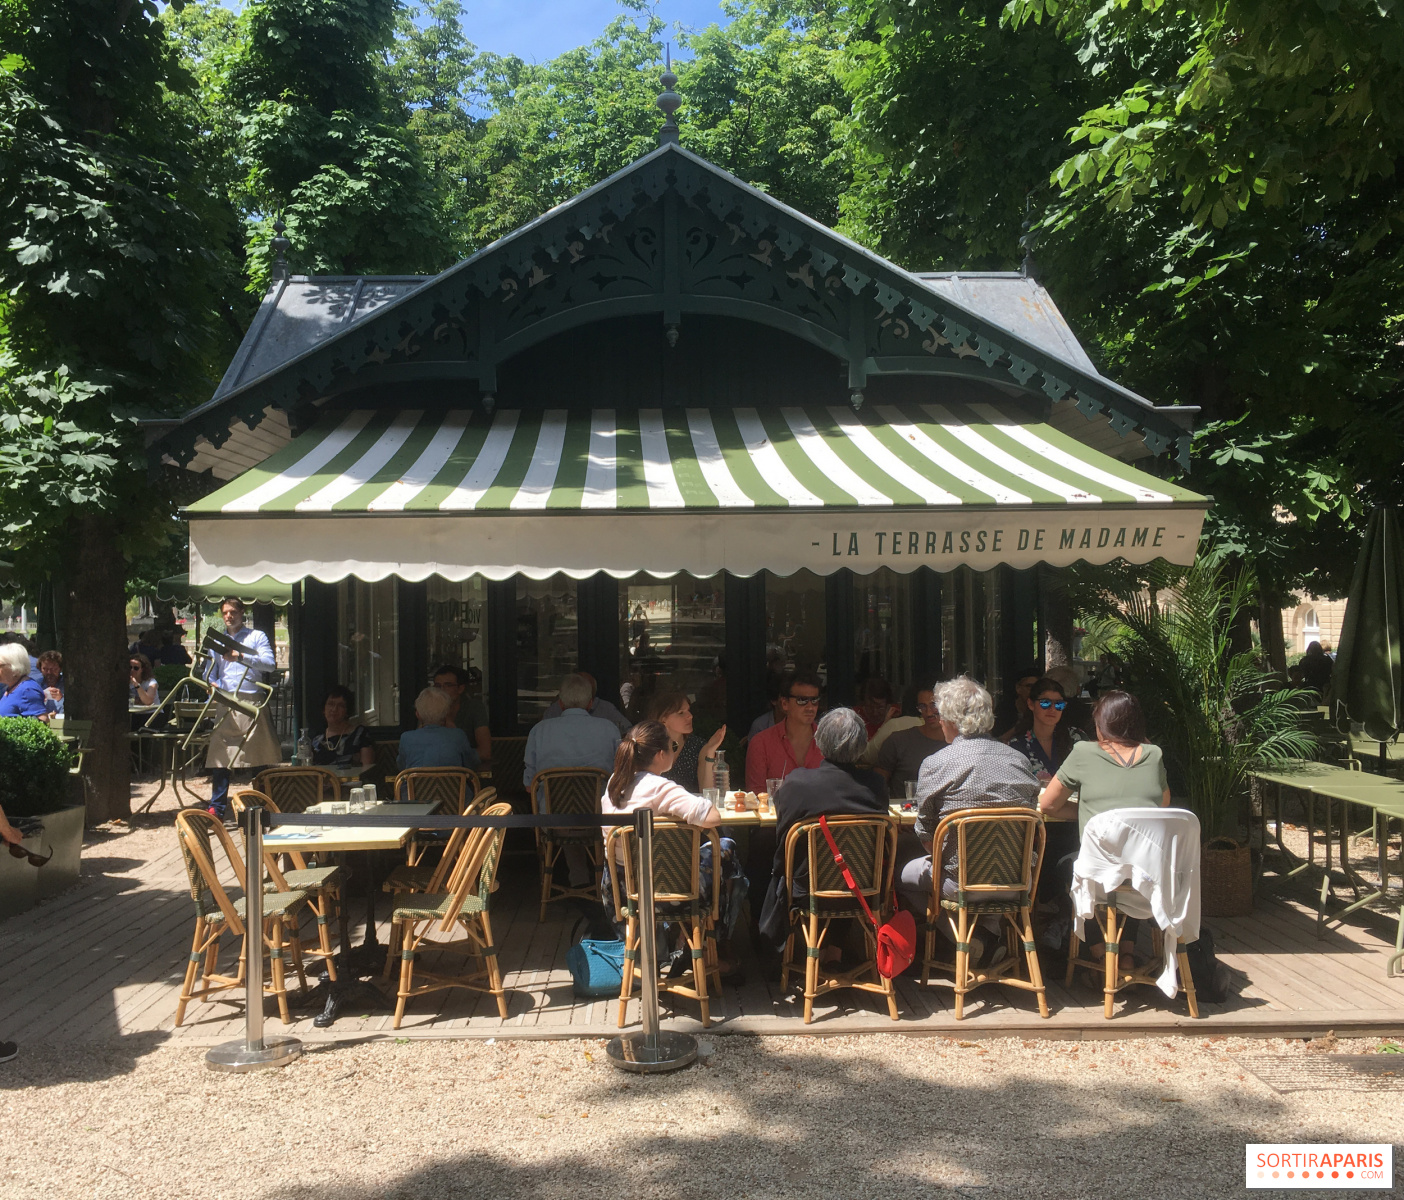 Salon De Jardin Asiatique la terrasse de madame, un nouveau restaurant au coeur du